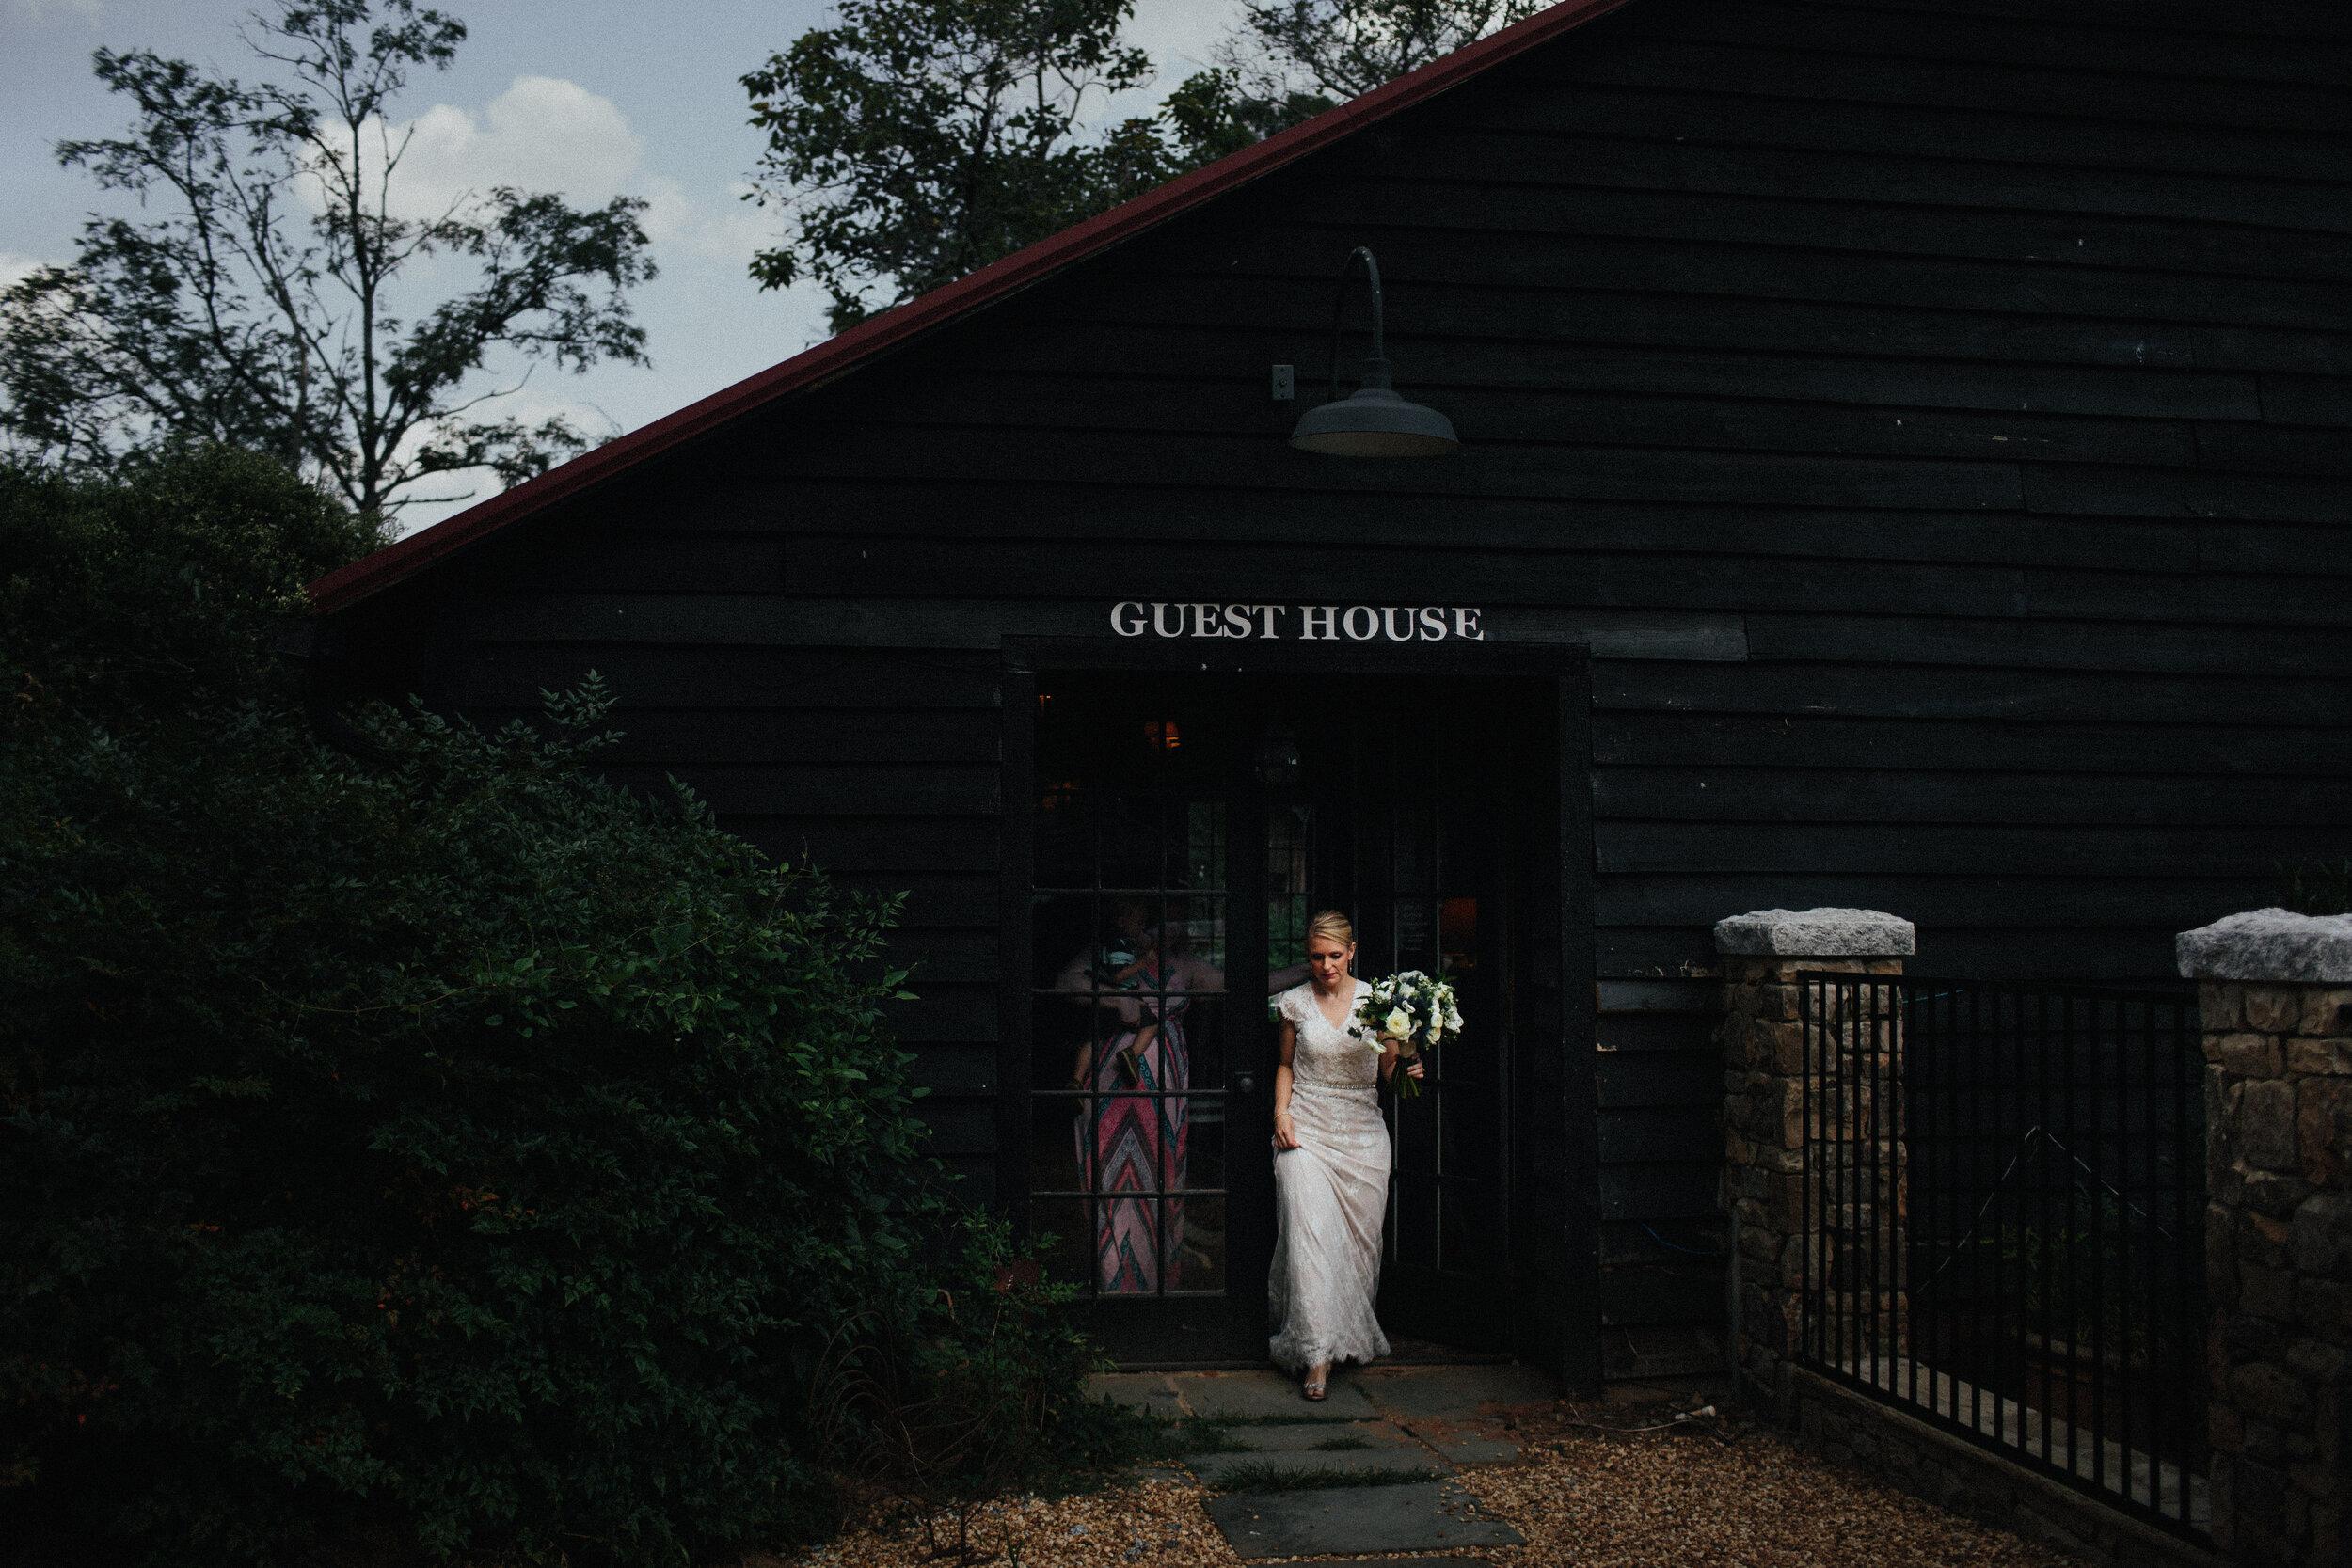 serenbe_forest_summer_wedding_farmhouse_guest_house_garden_1221.jpg